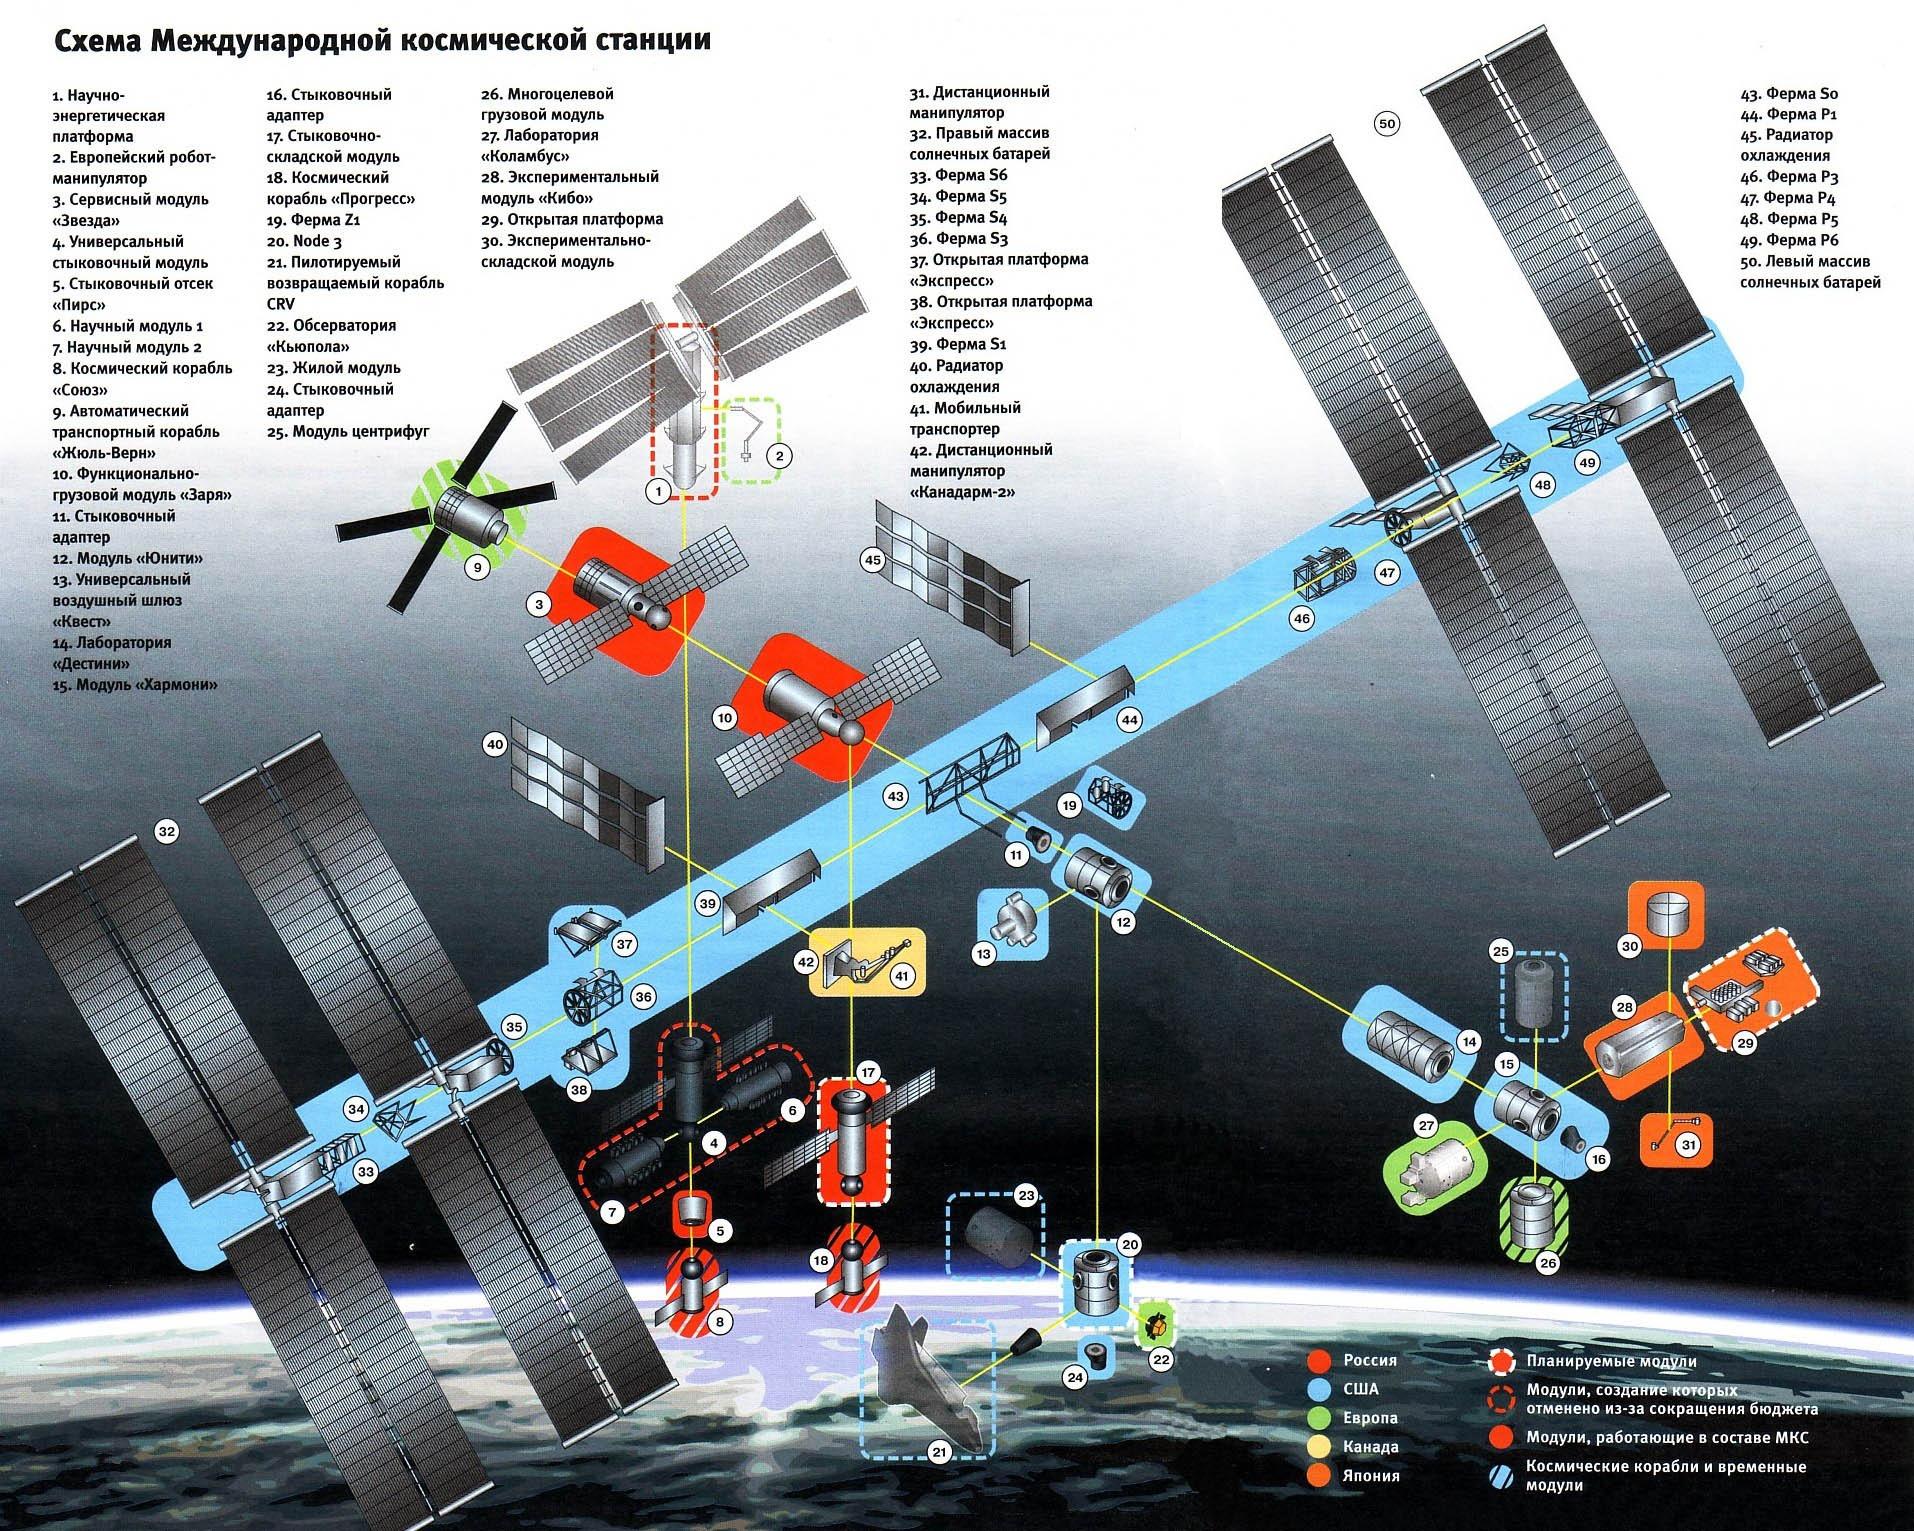 Схема Международной космической станции